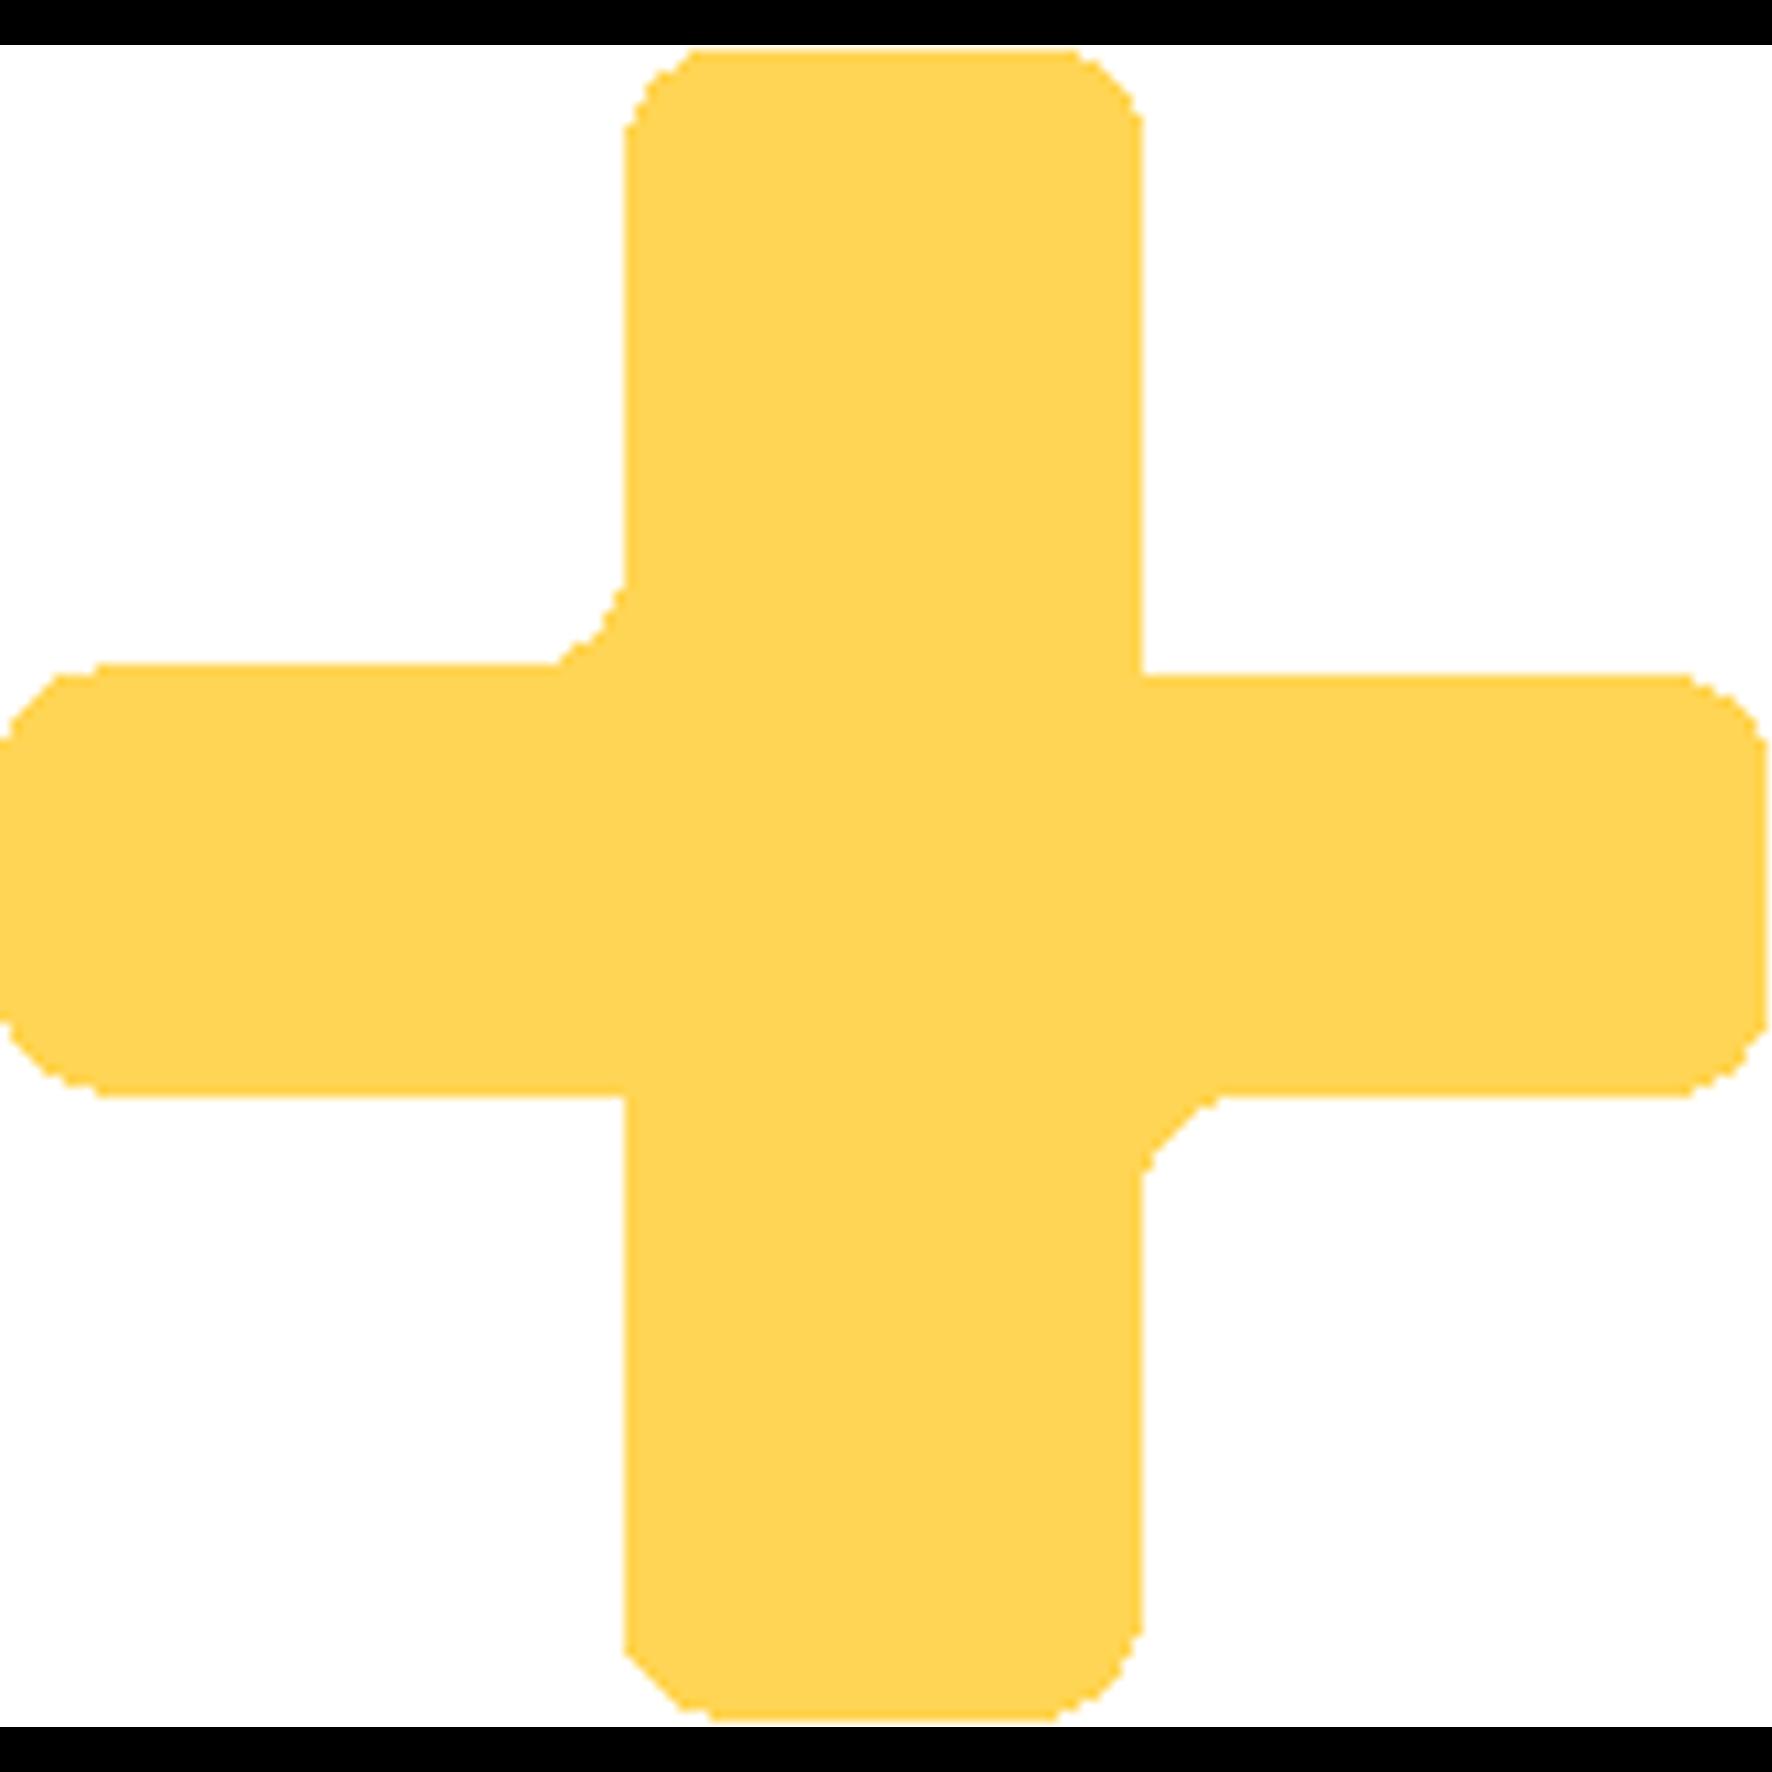 gelbes Plus als Aufzählungszeichen